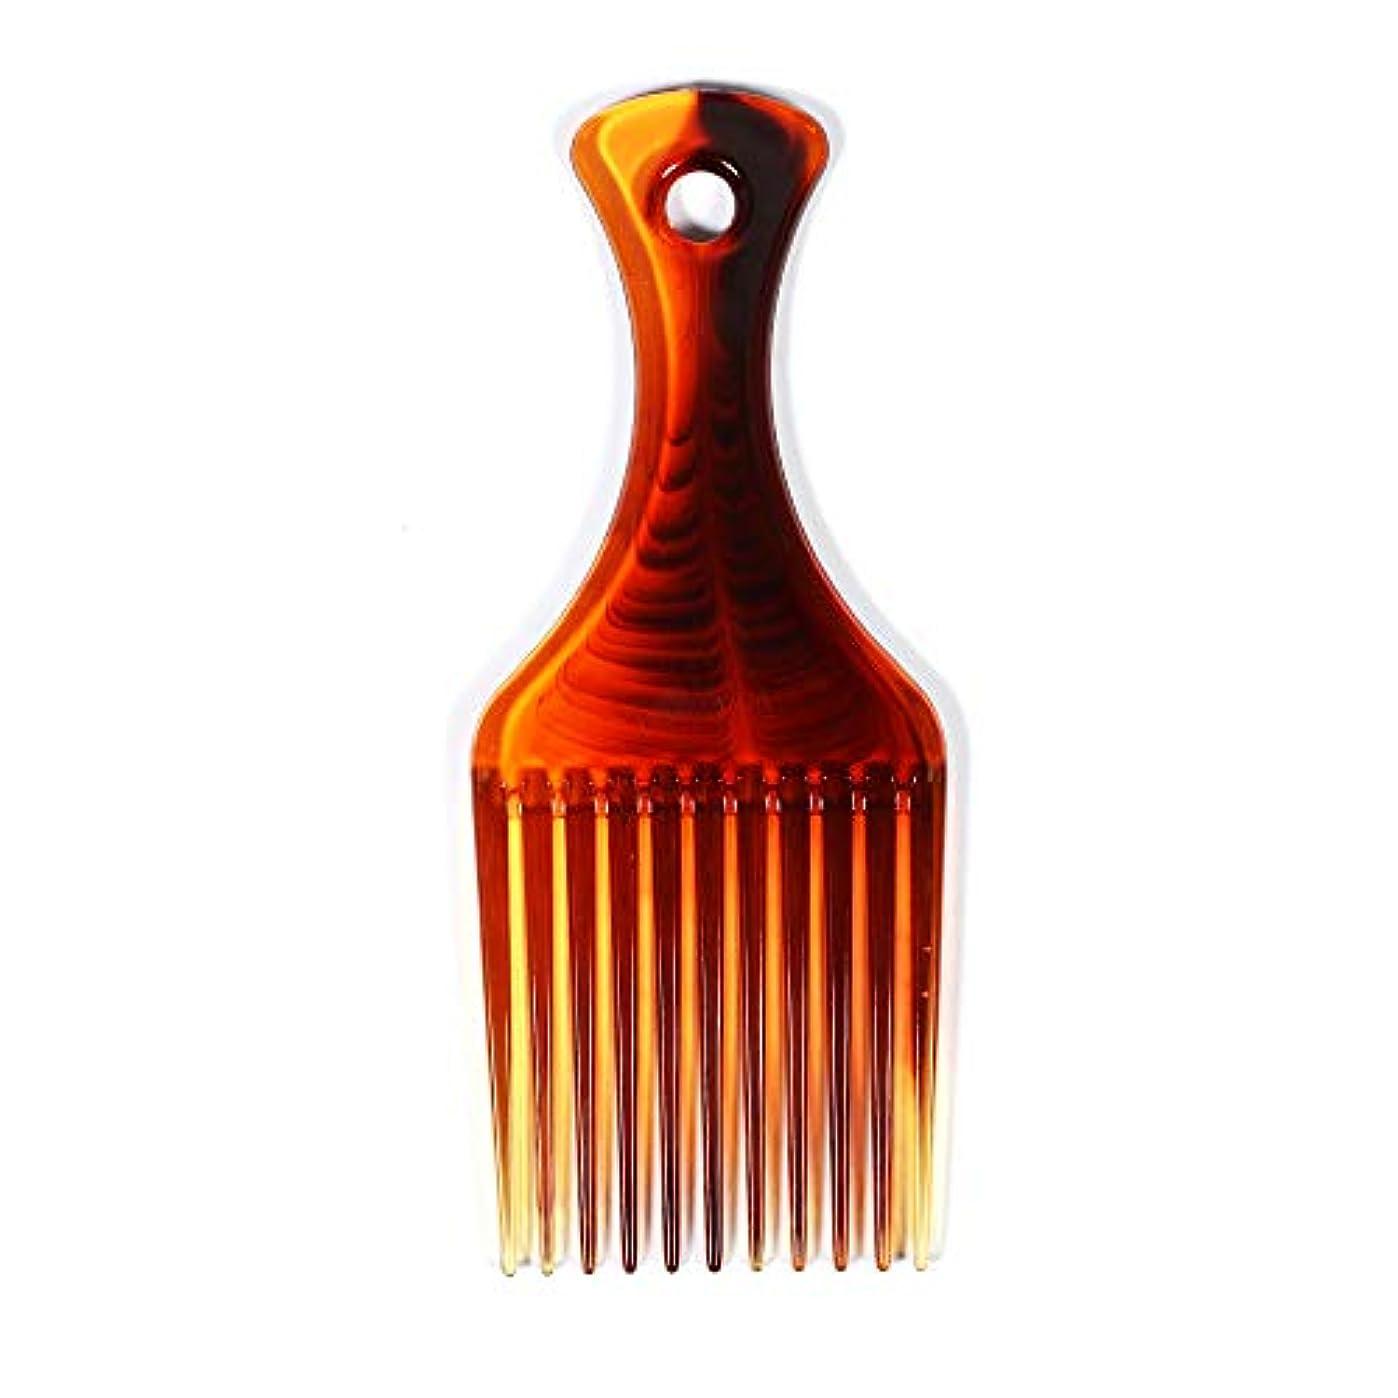 線おじさん殺すNrpfell 髪用櫛 髪のフォークコーム 理髪カーリーヘアブラシ、櫛を挿入して ヘアブラシ 男性と女性のためスタイリングツール